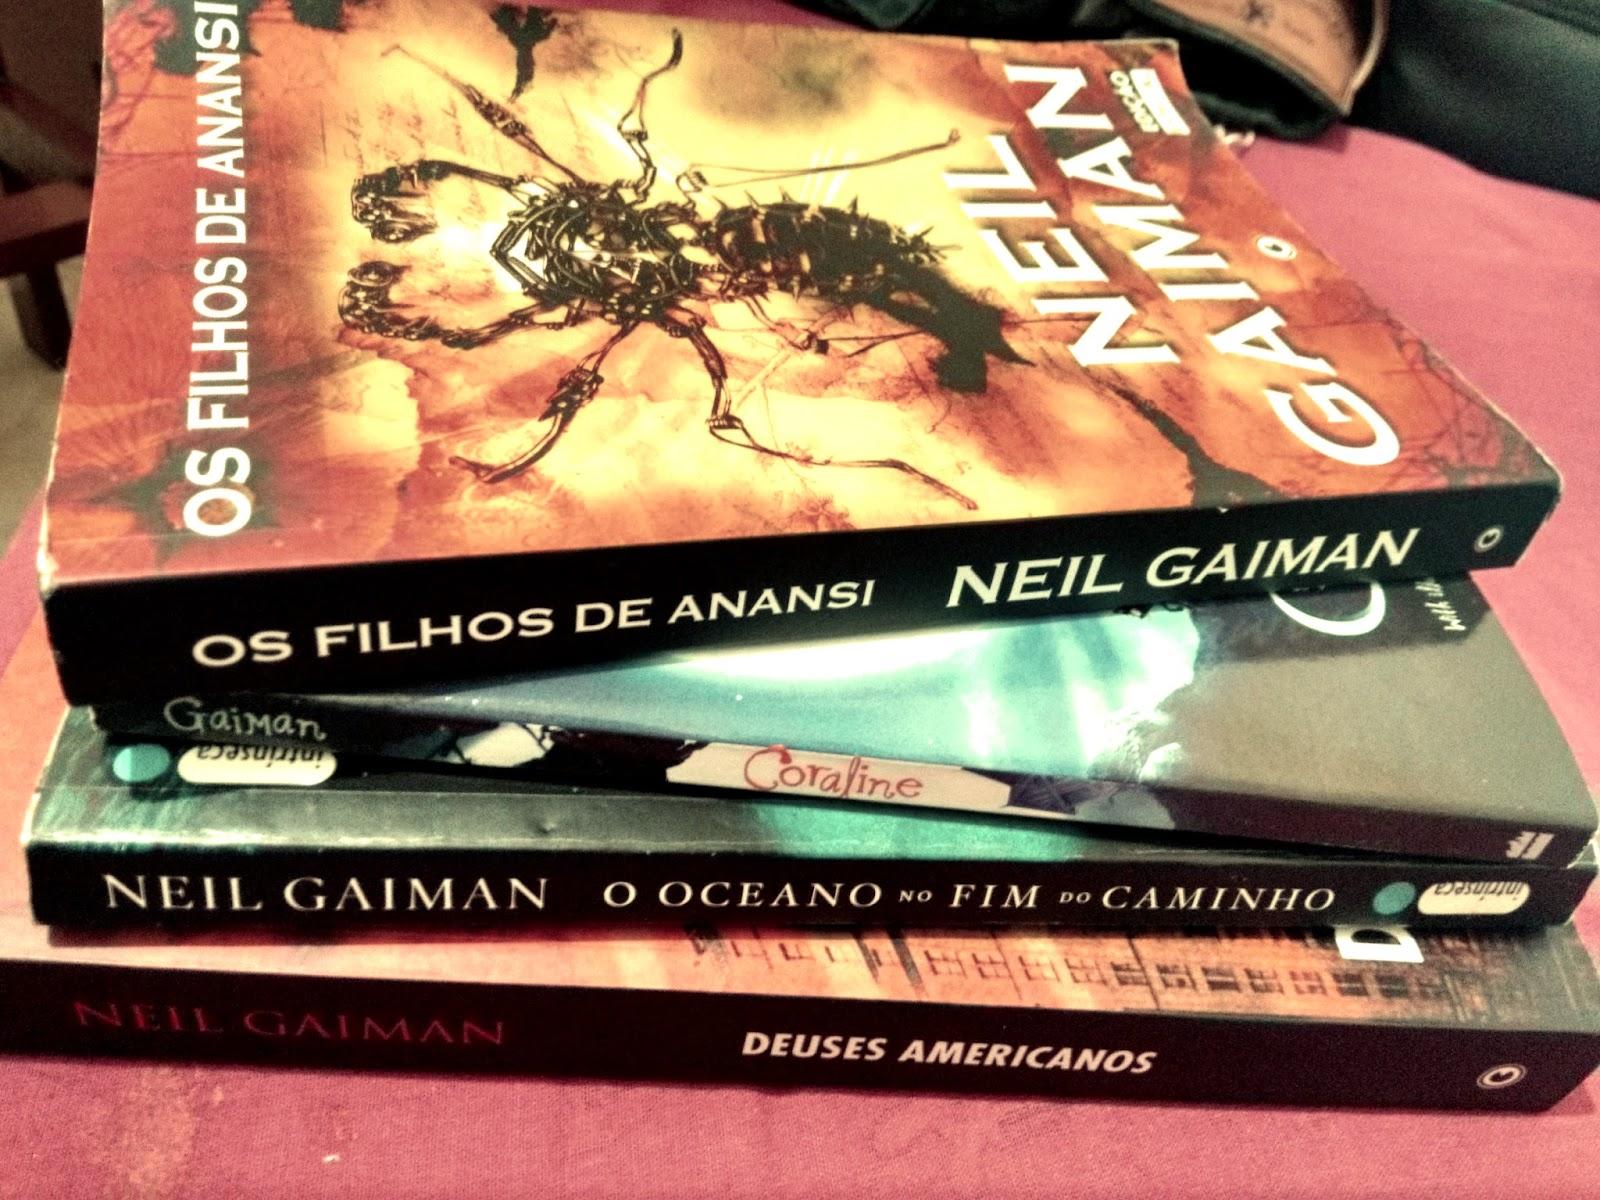 %C3%A7fdks%C3%A7fd - Os Filhos de Anansi - Neil Gaiman